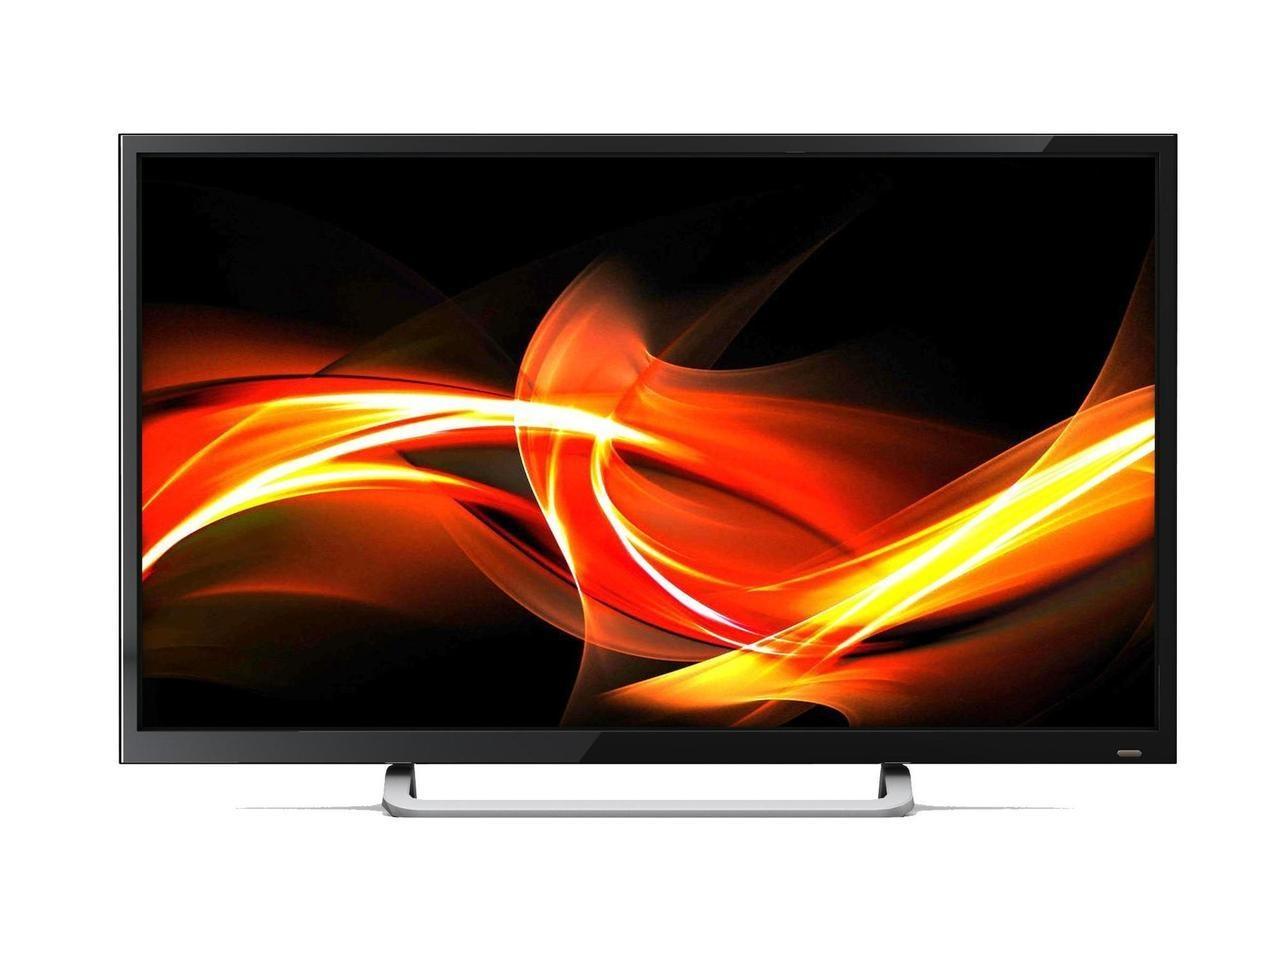 Sistema: Risoluzione: 1920x1080 (Full-HD) Retroilluminazione: LED Luminosità: 300cd / m2 Contrasto: 1200: 1 Angolo di apertura: 178 ° orizzontale e verticale Tempo di risposta: 5ms Colori: 16.7M Ingresso: 1xVGA (D-Sub) / 2xHDMI / 1x Uscita audio : 1 altop